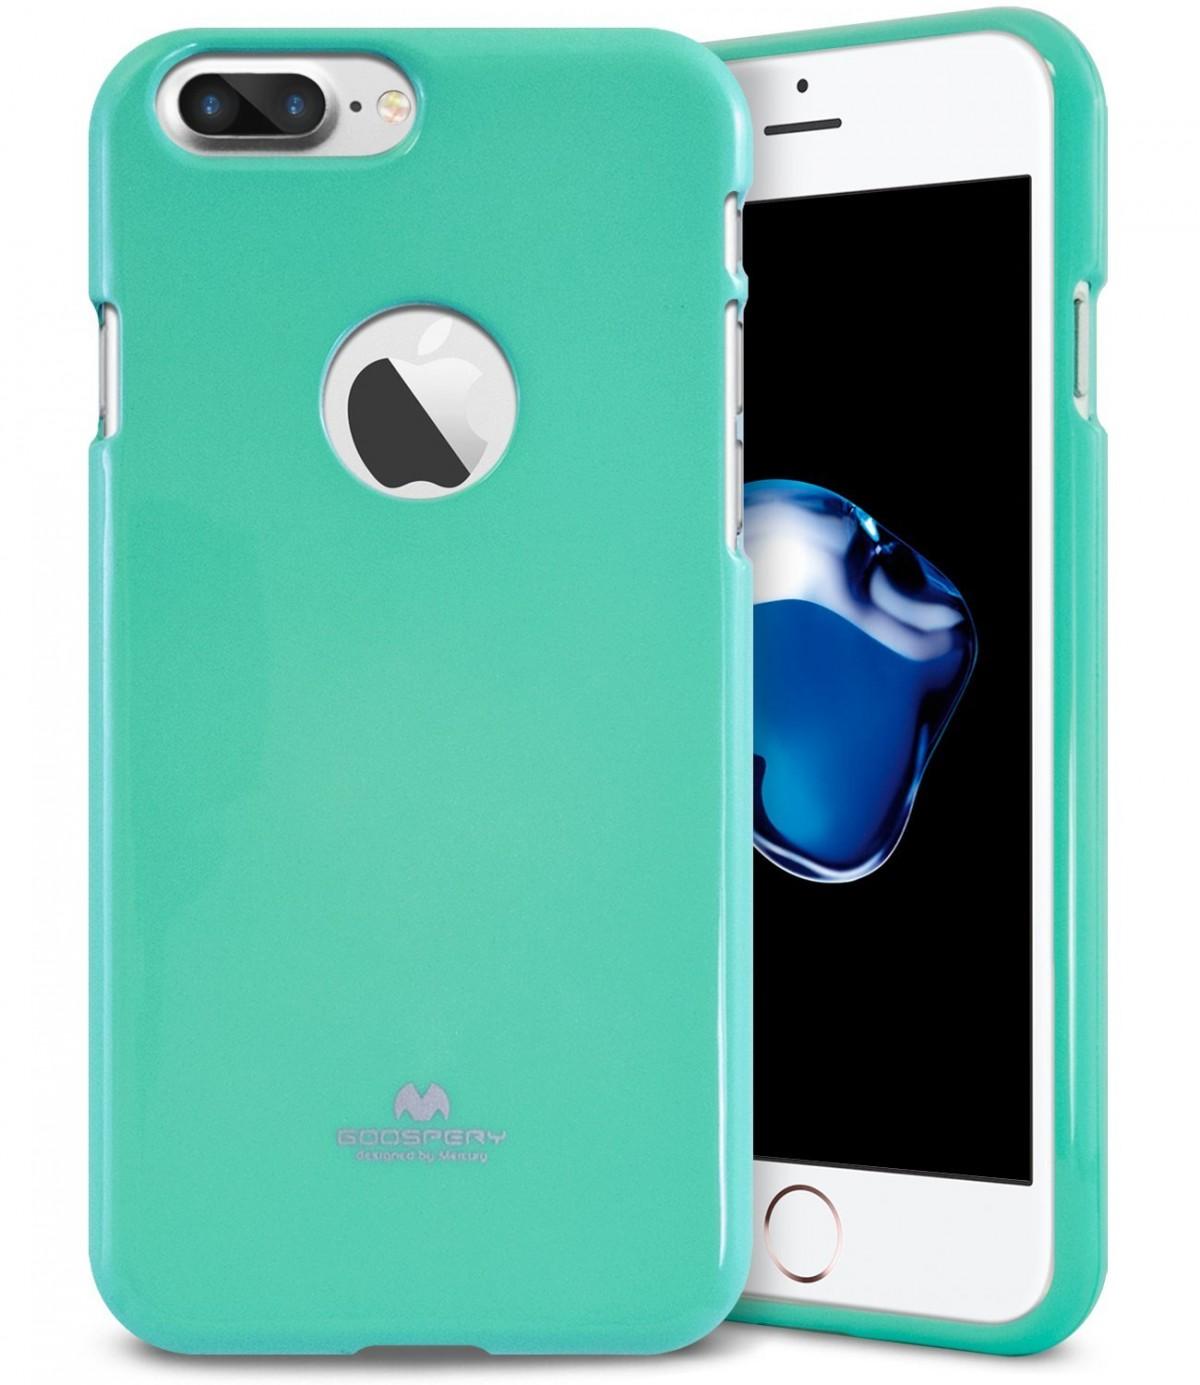 Silikonový obal / kryt Goospery Mercury pro Apple iPhone 8 Plus - Světle zelený / Mint